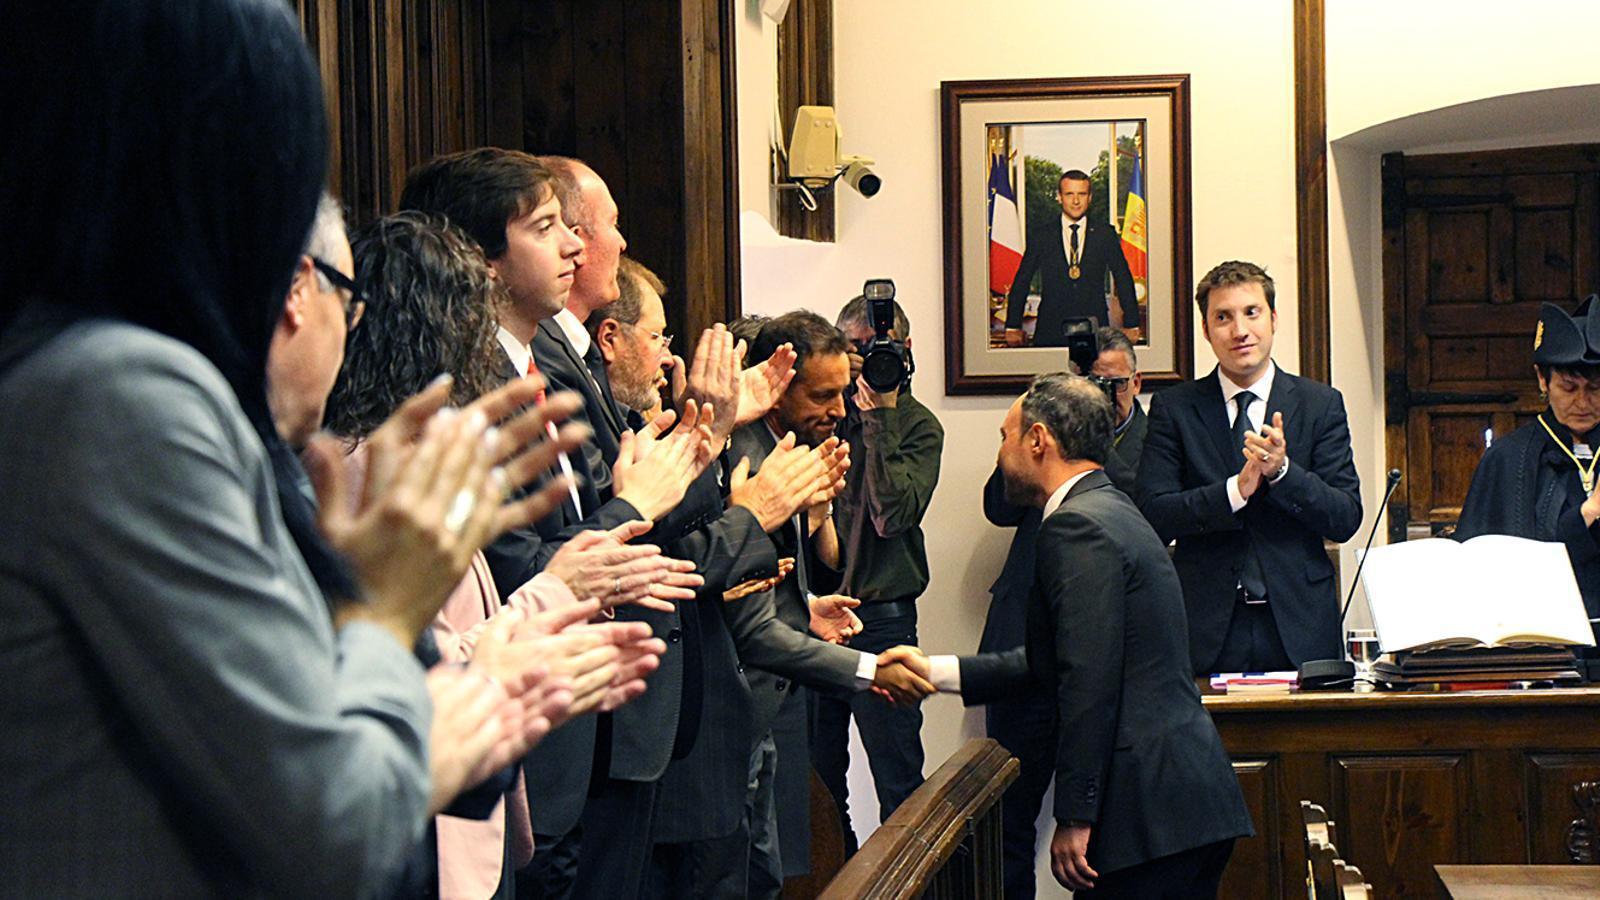 El nou cap de Govern, Xavier Espot, dona la mà al cap de l'oposició, Pere López. / M. M. (ANA)